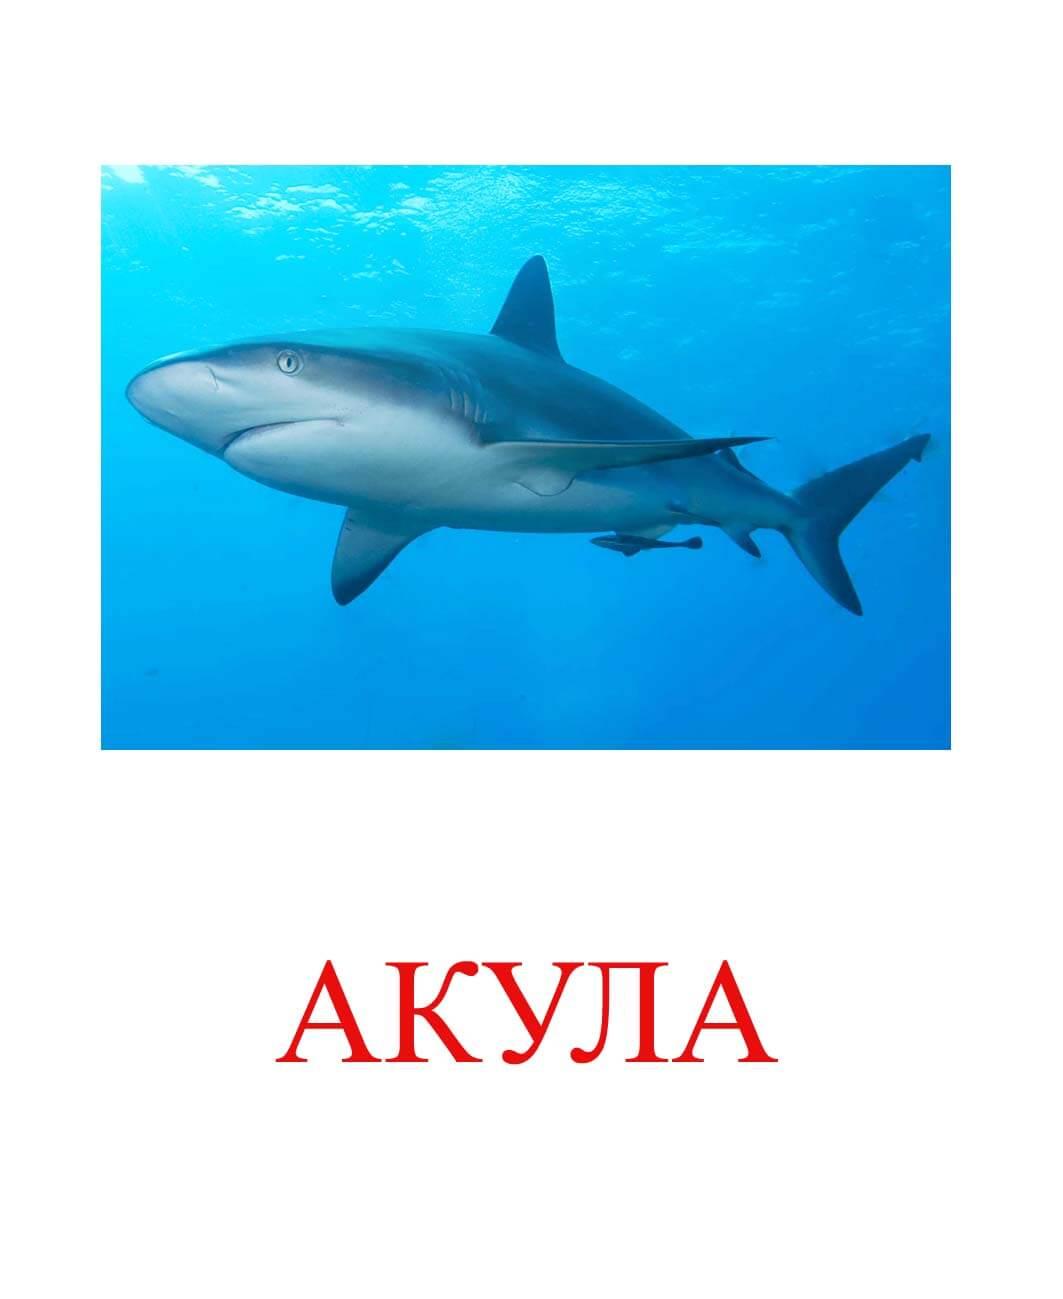 Акула картинка для детей